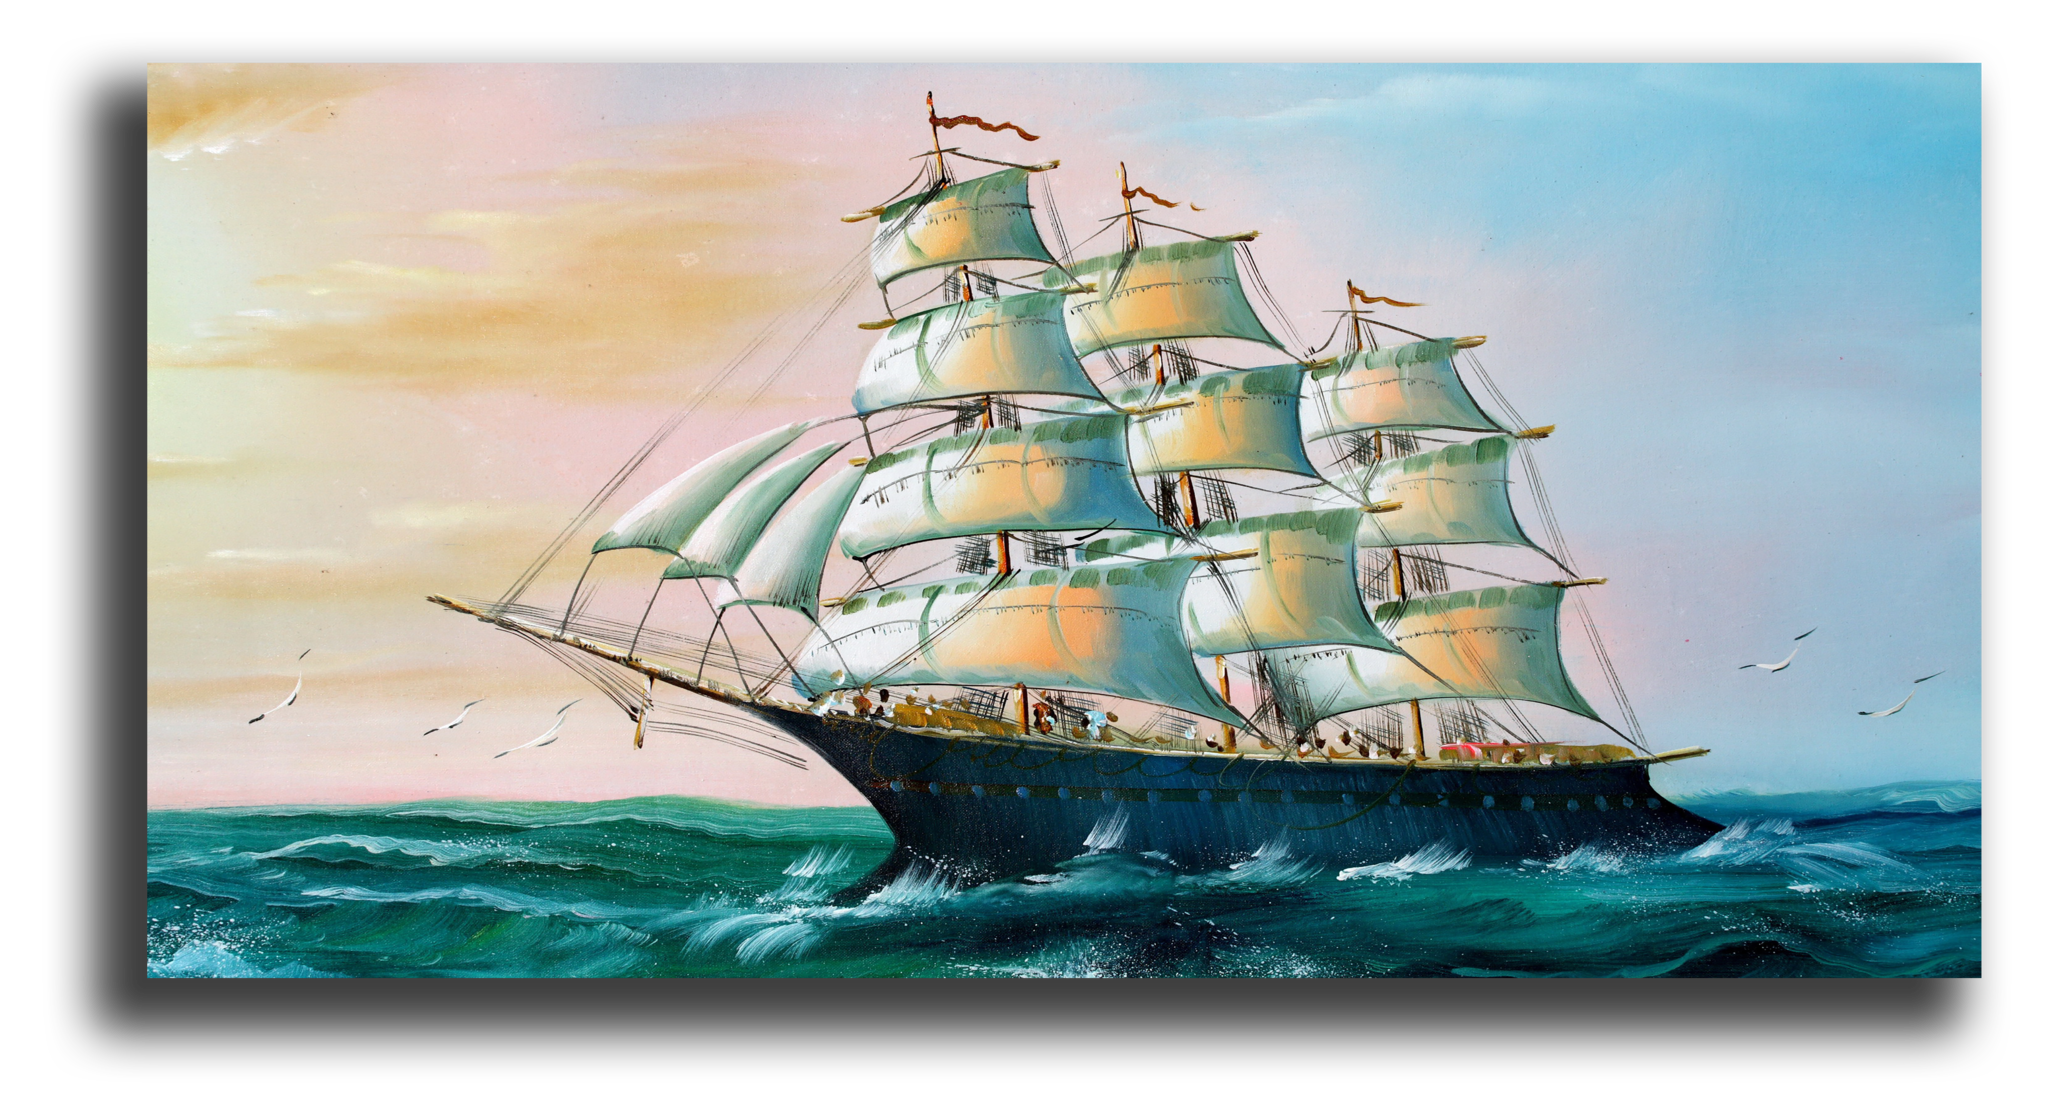 """Постеры Постер """"Морской корабль"""" п260.png"""